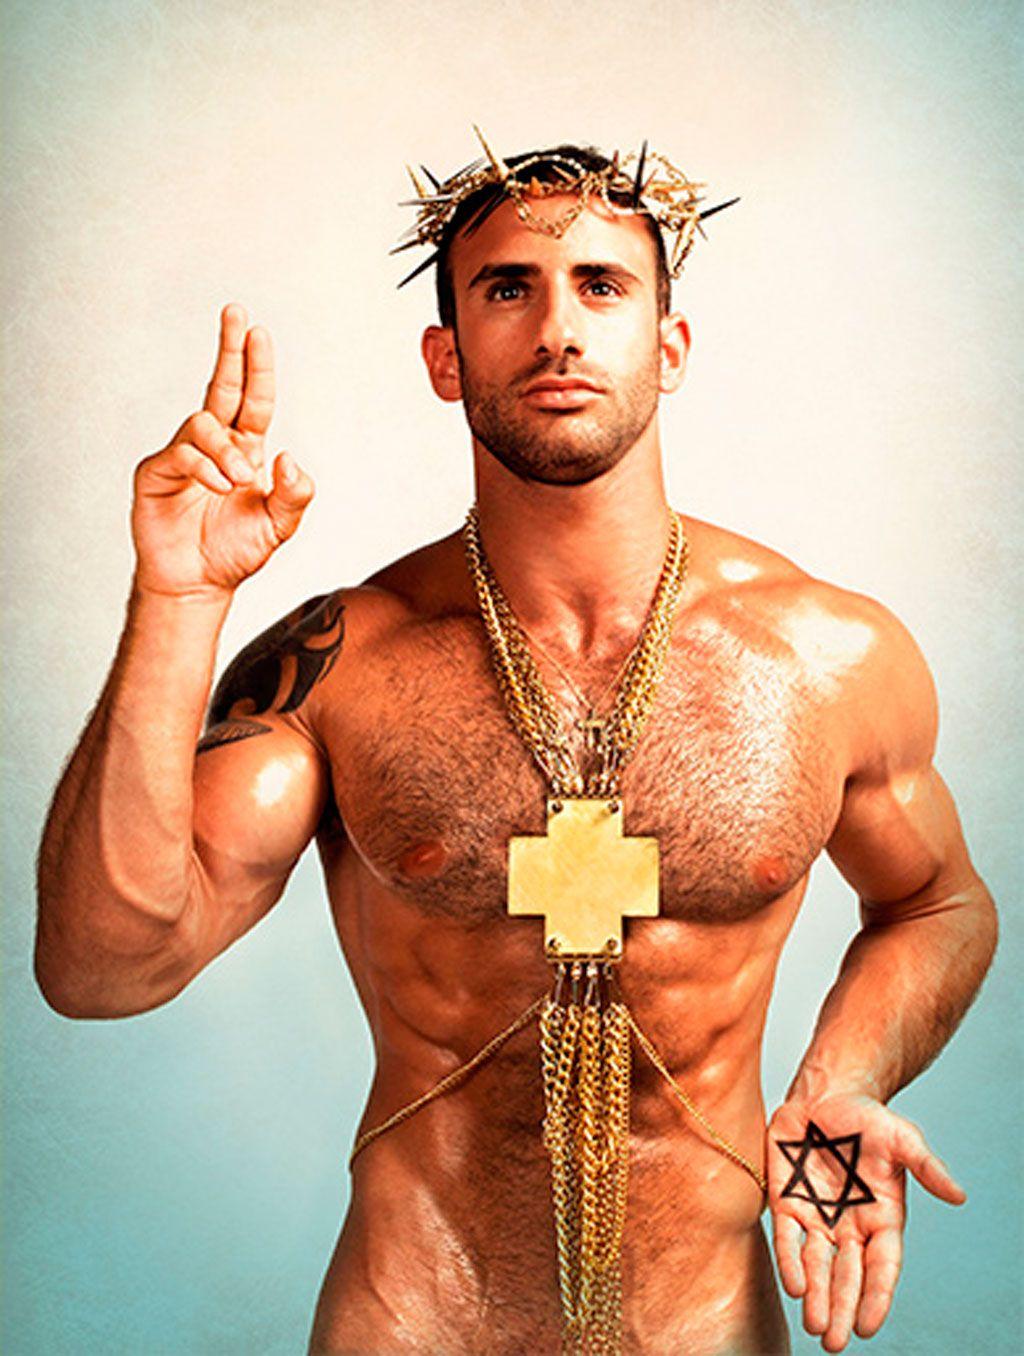 Actor Porno Gay De Supervivientes eliad cohen porn star | gay fetish xxx